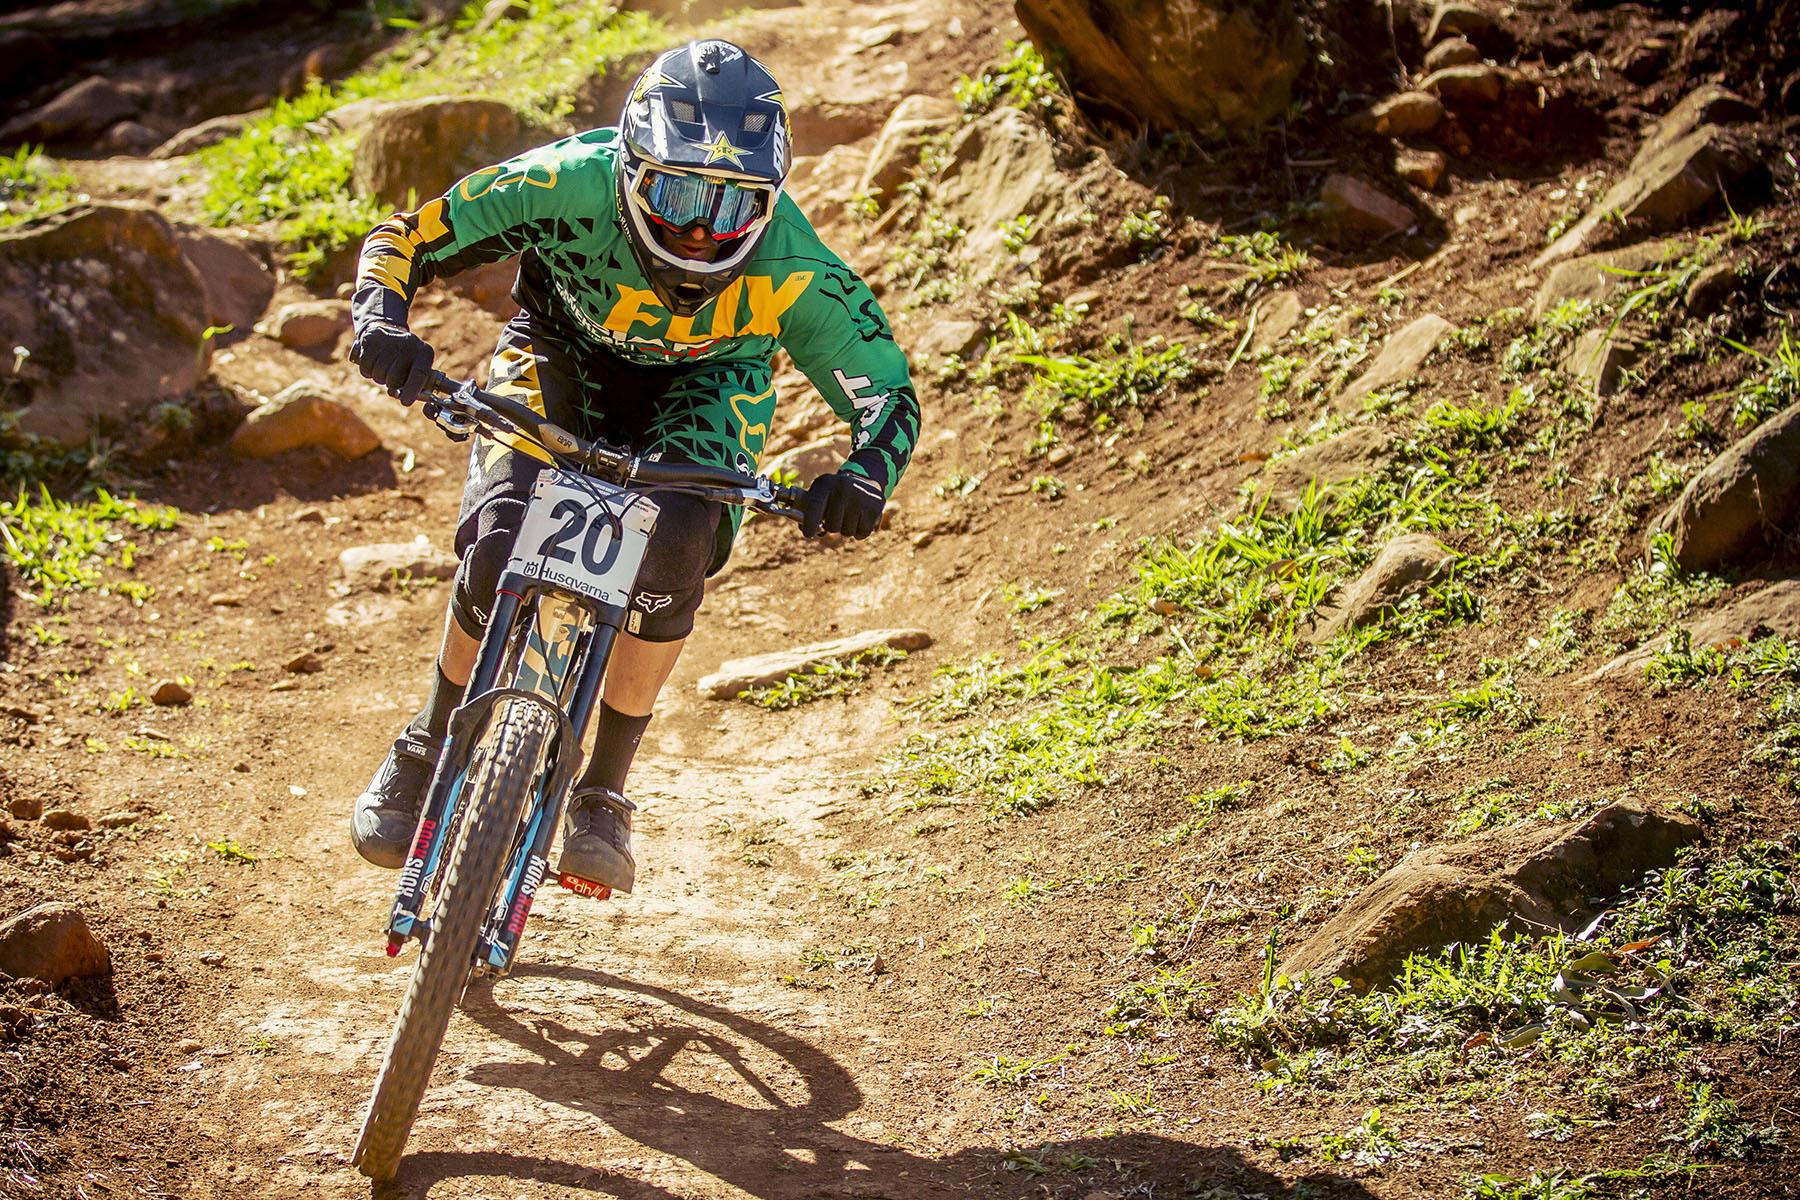 Einer der beiden Südafrikaner im Rennen: Andrew Neethling genoss die Abfahrten auf heimischen Boden, allerdings reichte es nur für den 16. Platz.